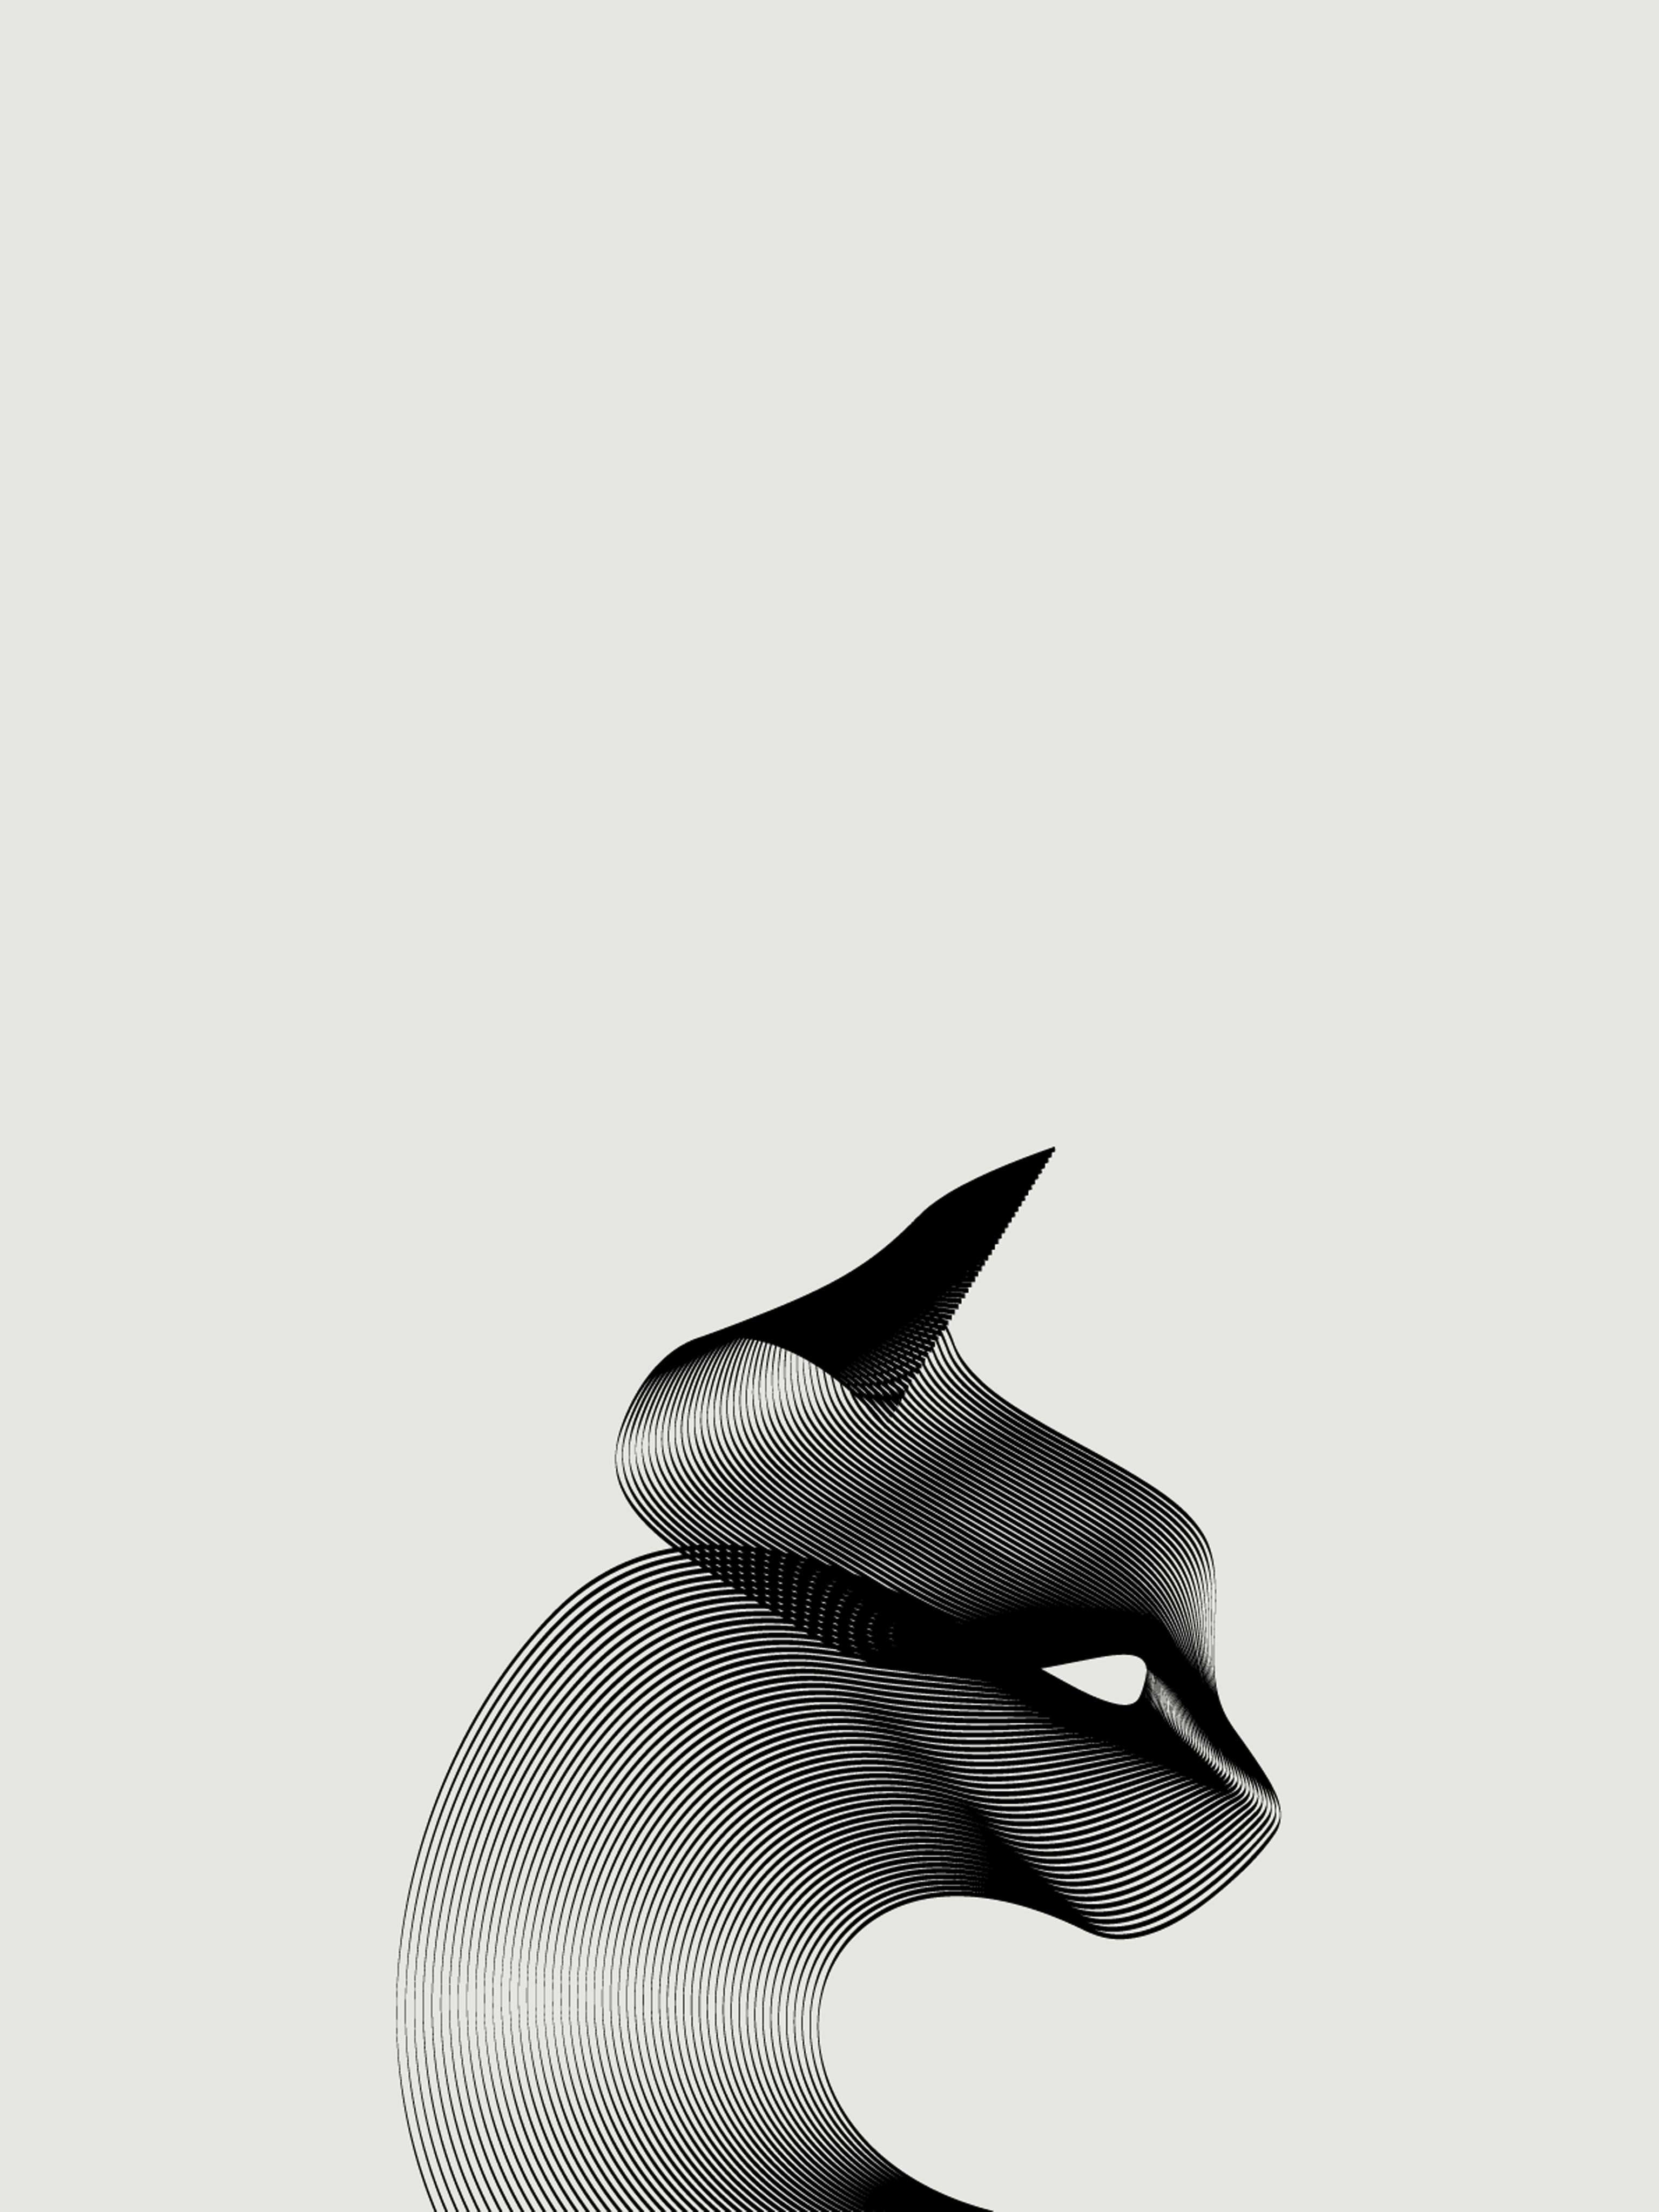 Cat In Moire Mobile Wallpaper Miniwallist